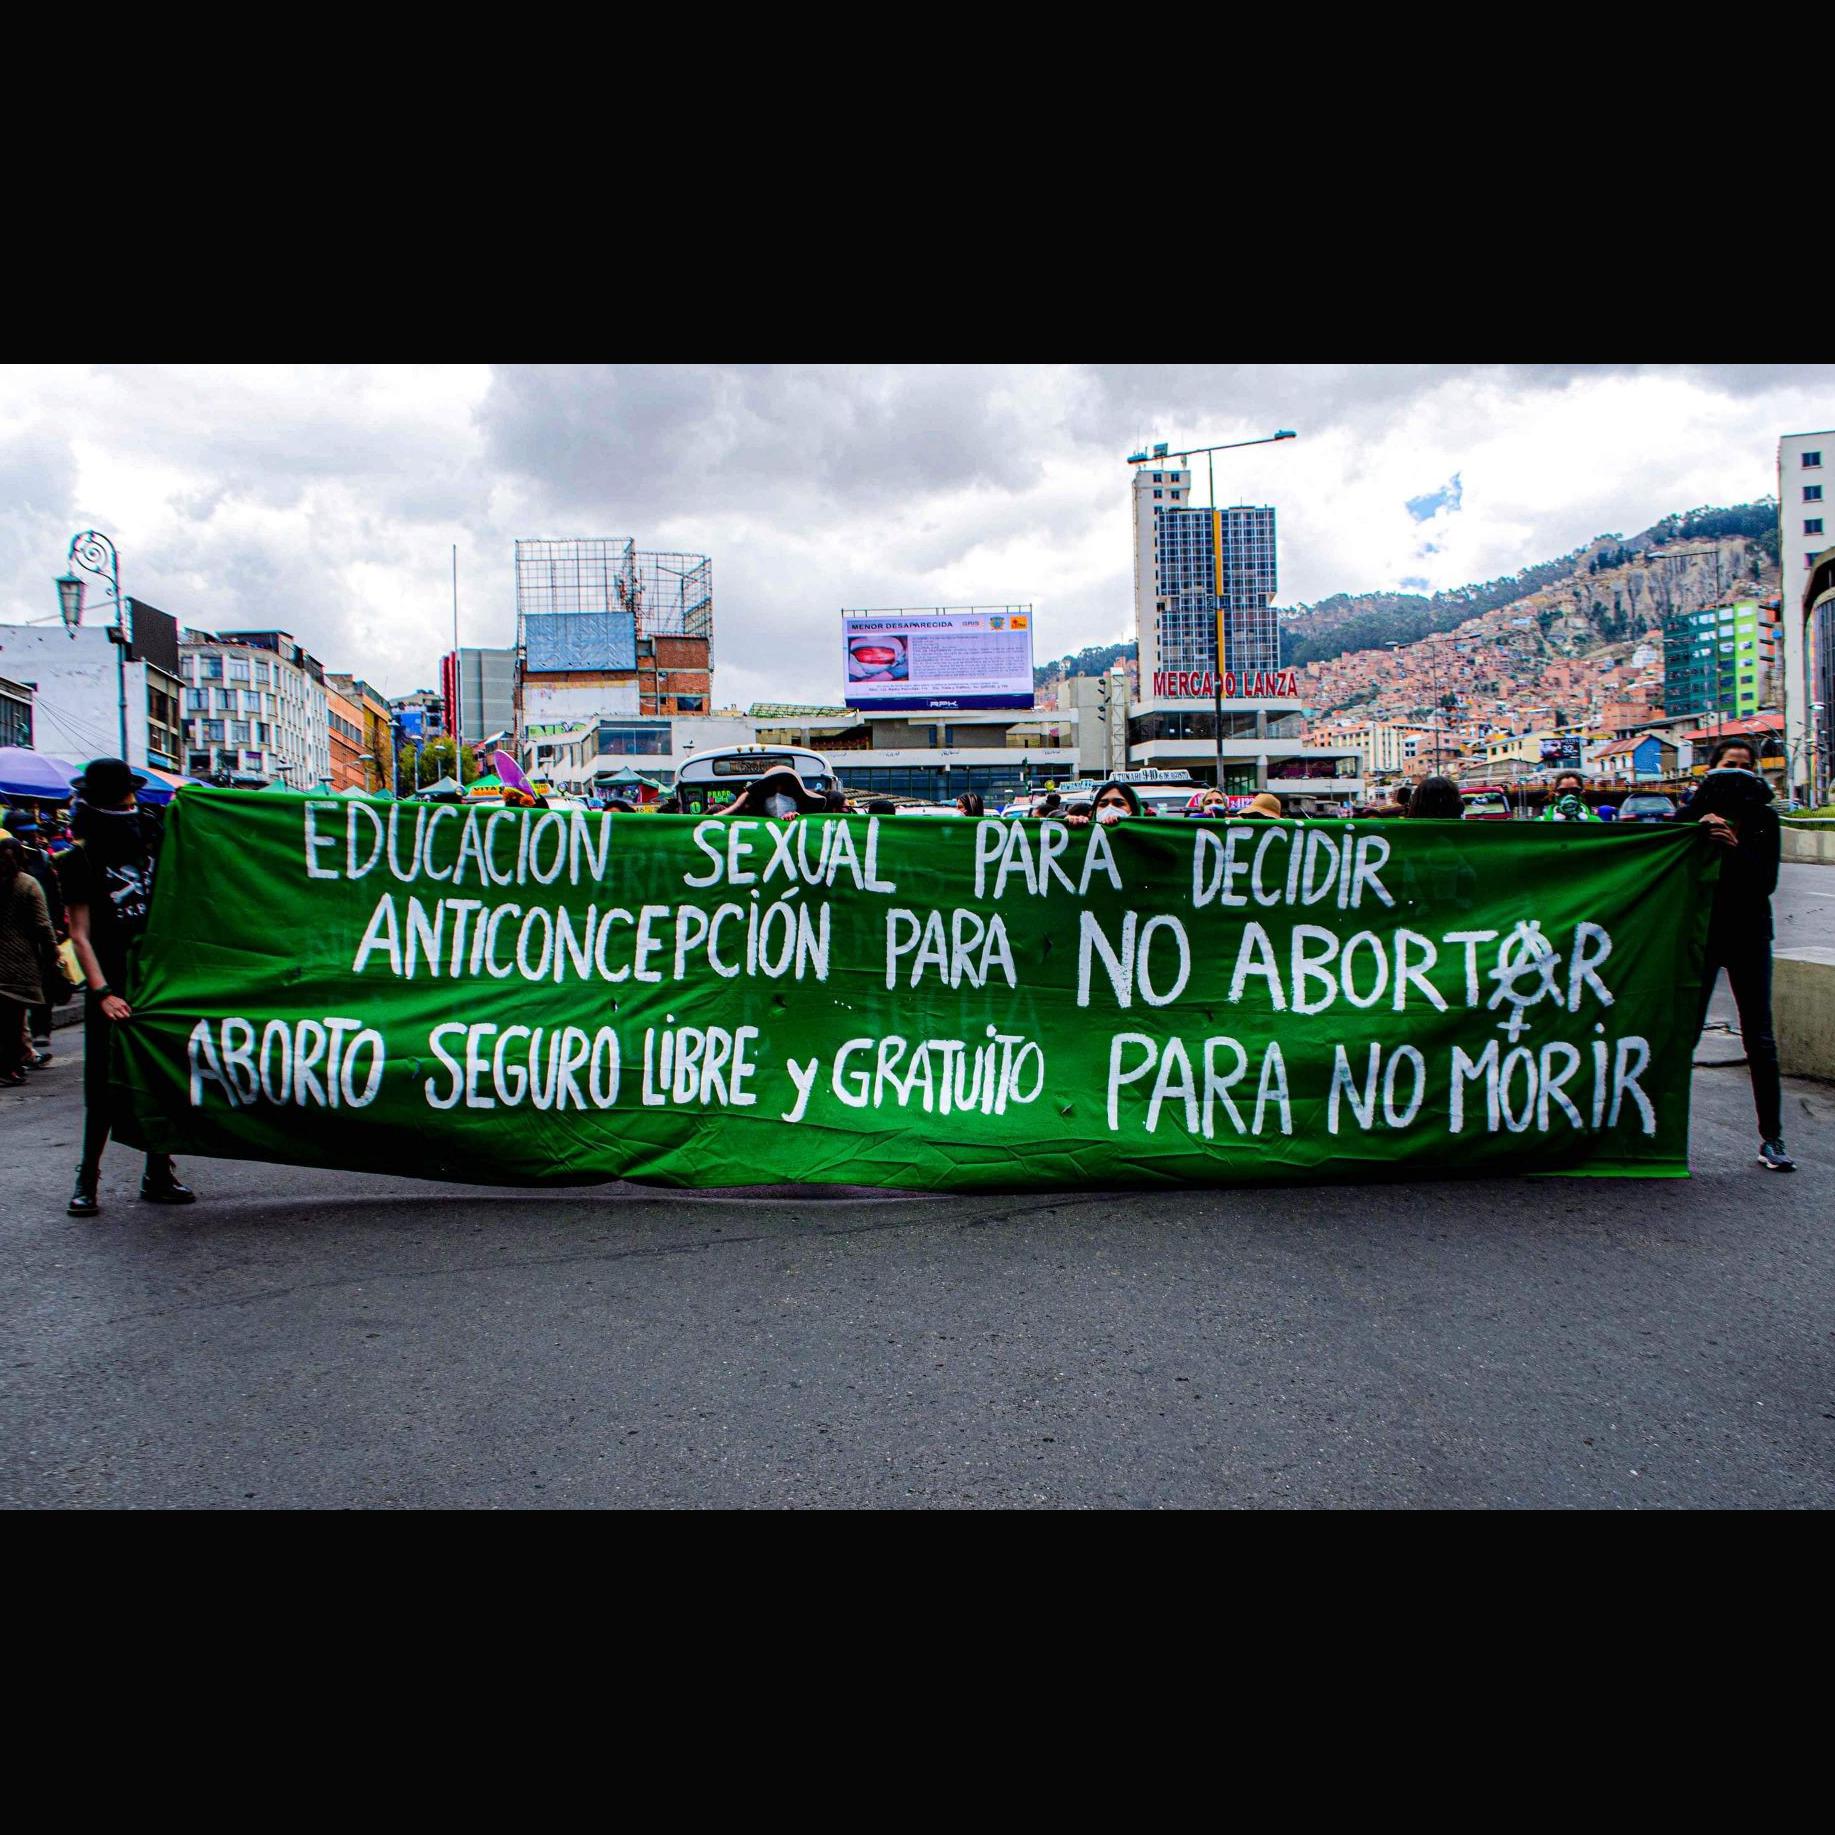 Bolivia: Las elecciones presidenciales, la pandemia, el anarcafeminismo y las cuestiones sociales